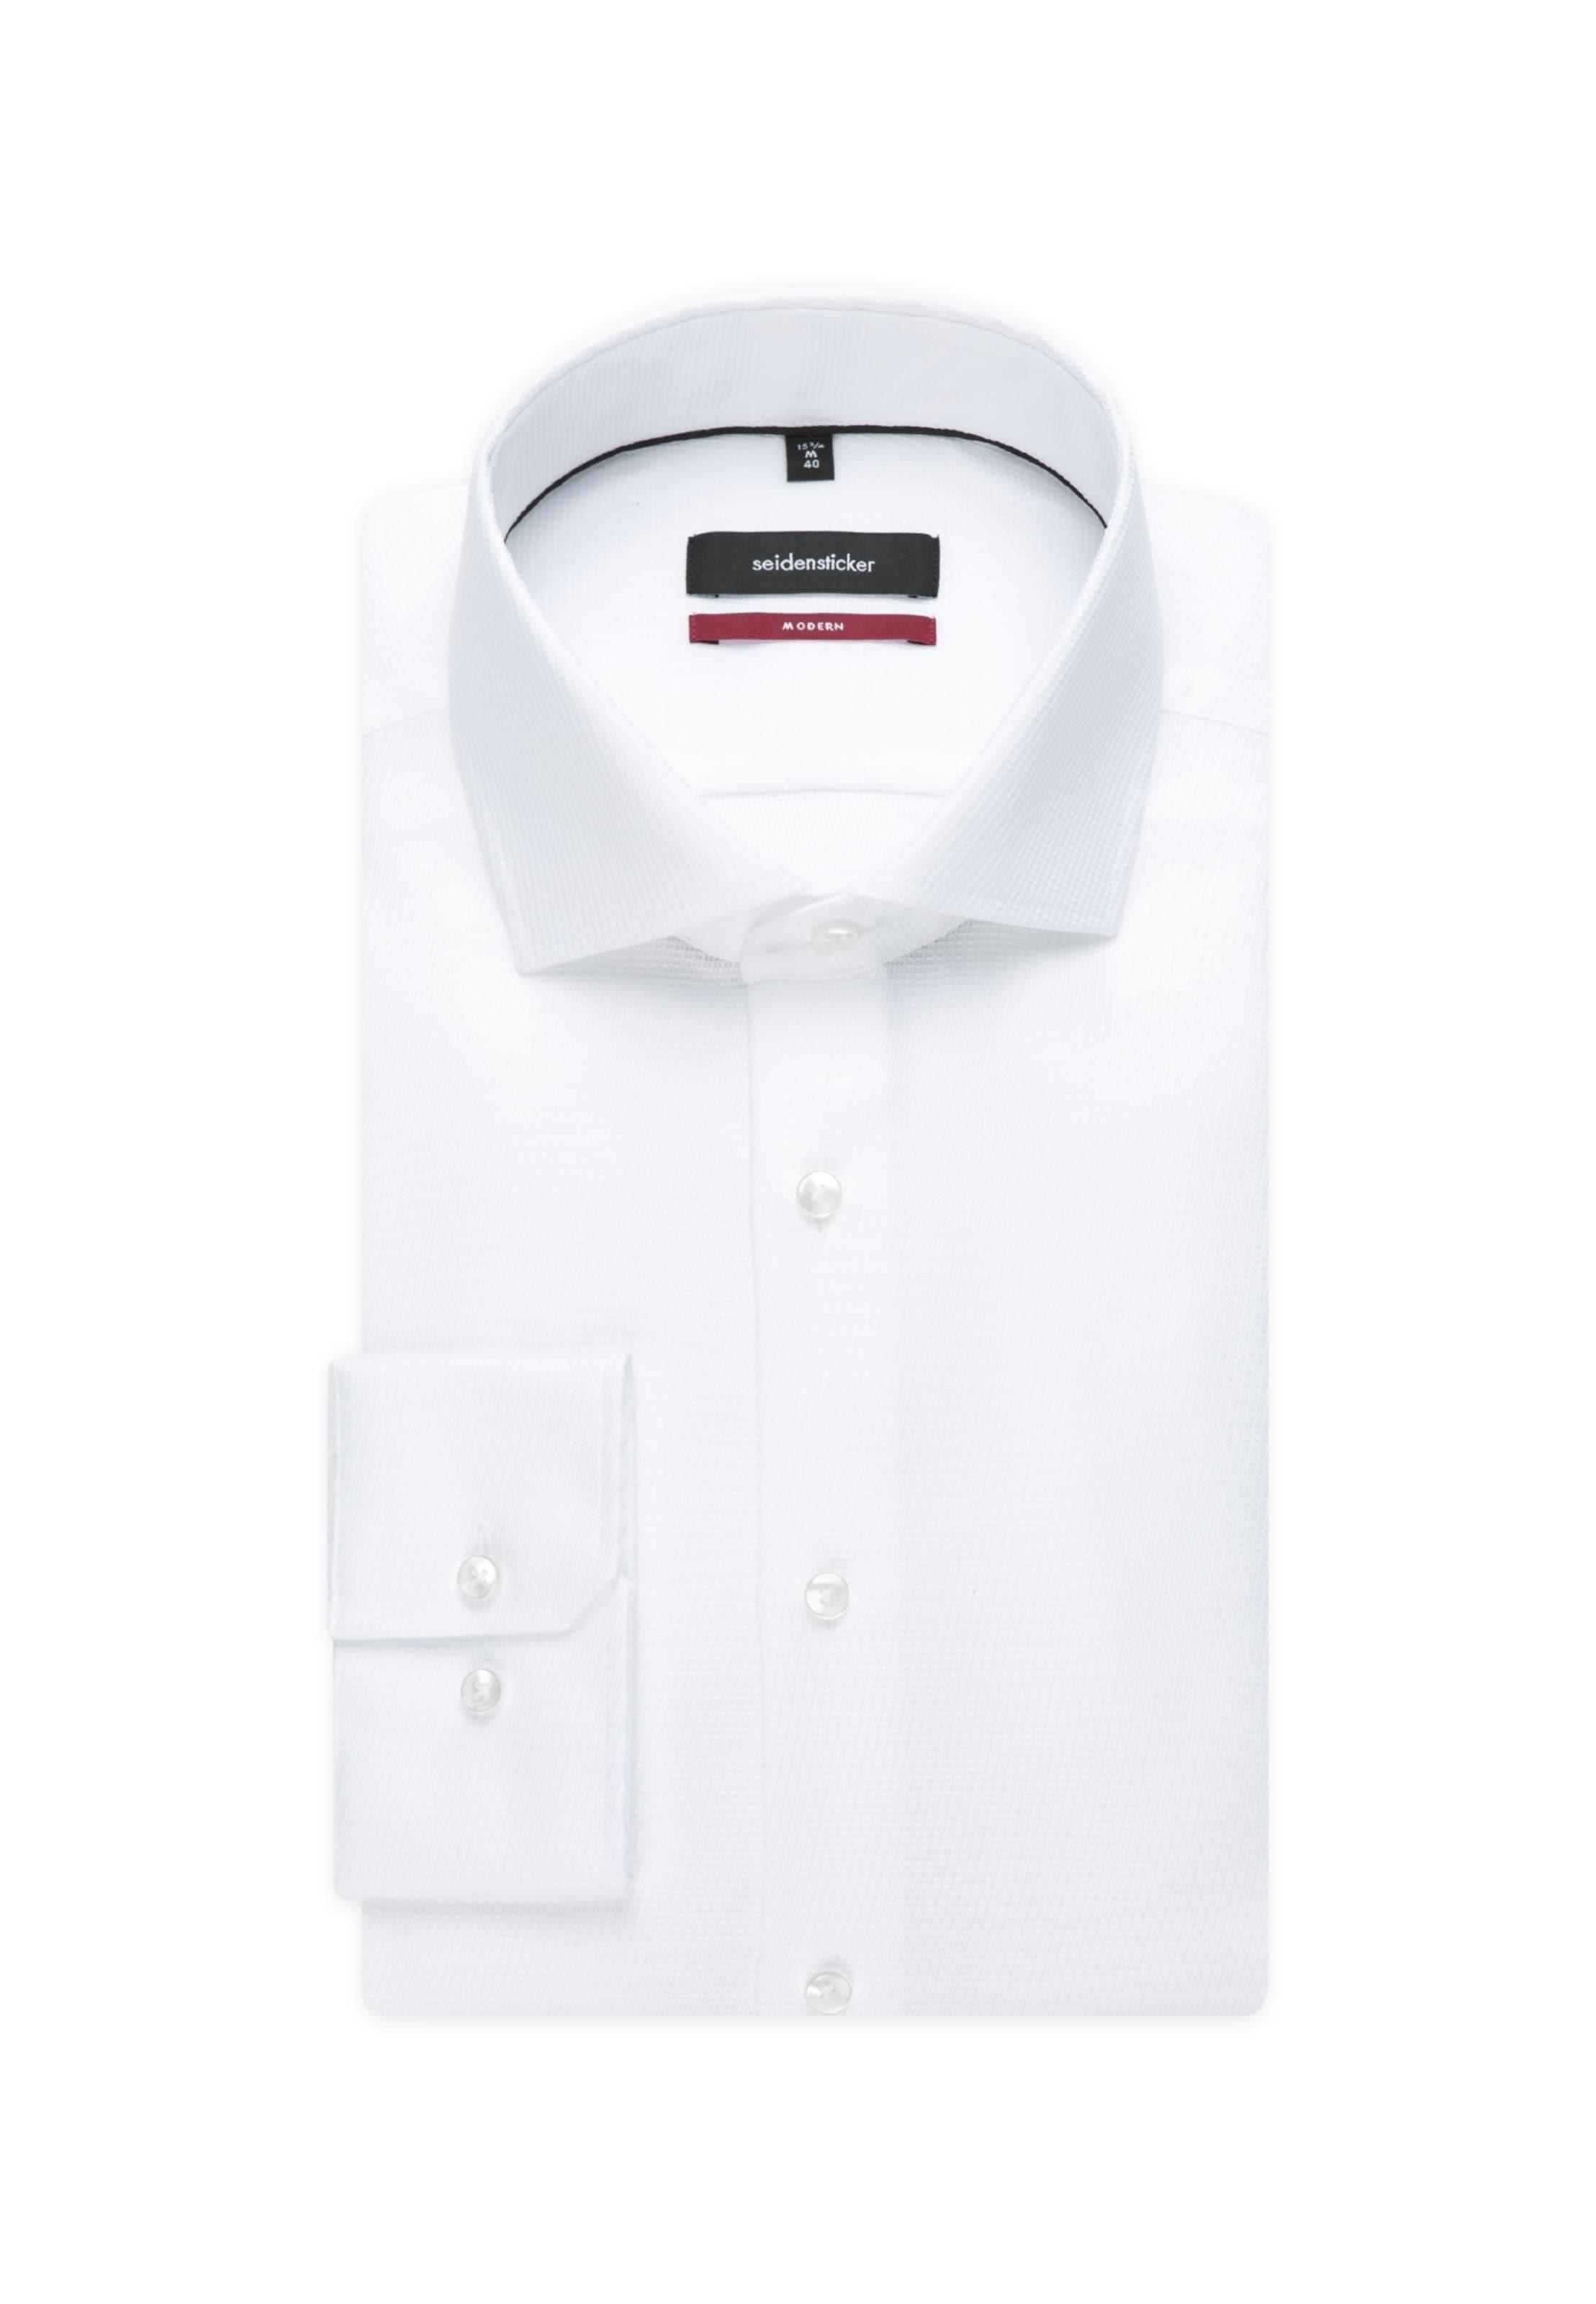 Hemd Business In Seidensticker Modern Weiß ' ymN8nOP0vw